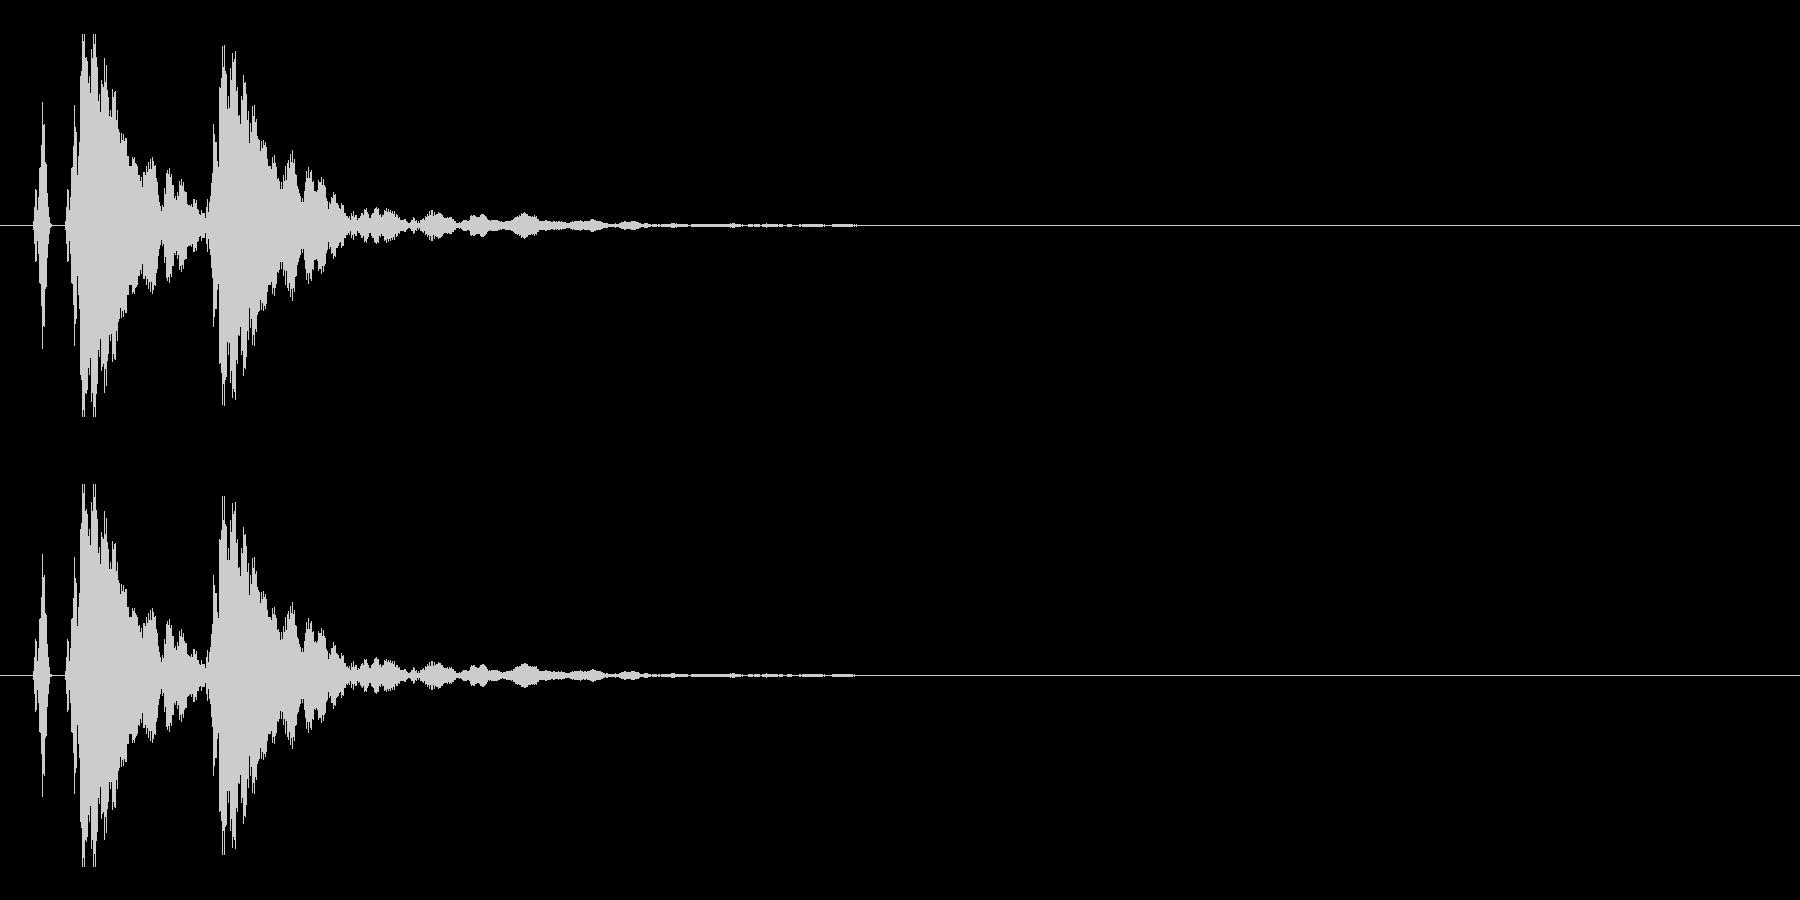 【ポポン!】とてもリアルな太鼓の鼓!09の未再生の波形